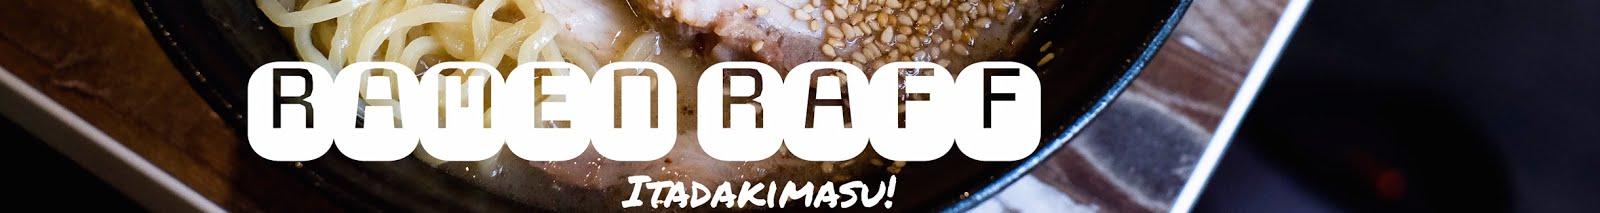 Ramen Raff - Sydney Food and lifestyle Blog